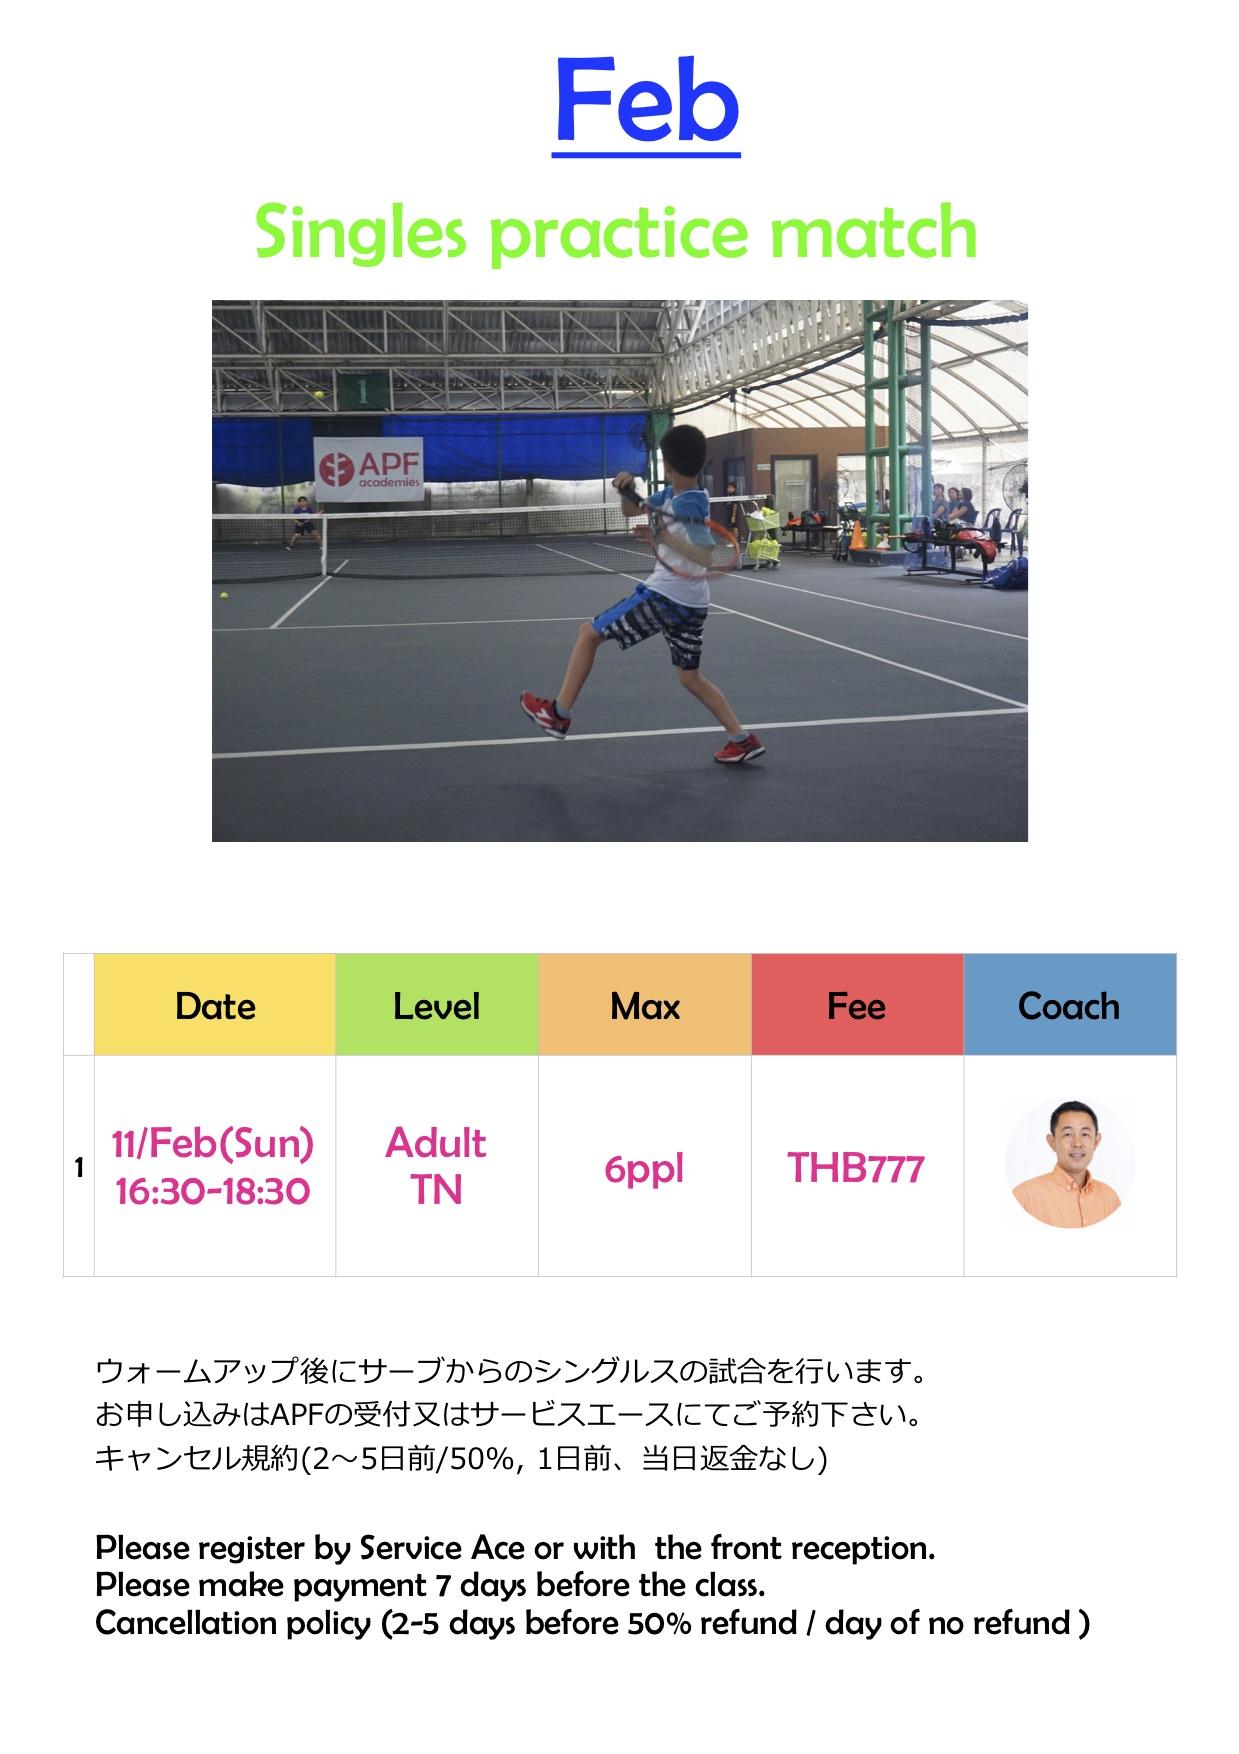 シングルスマッチ練習会 2018 Feb